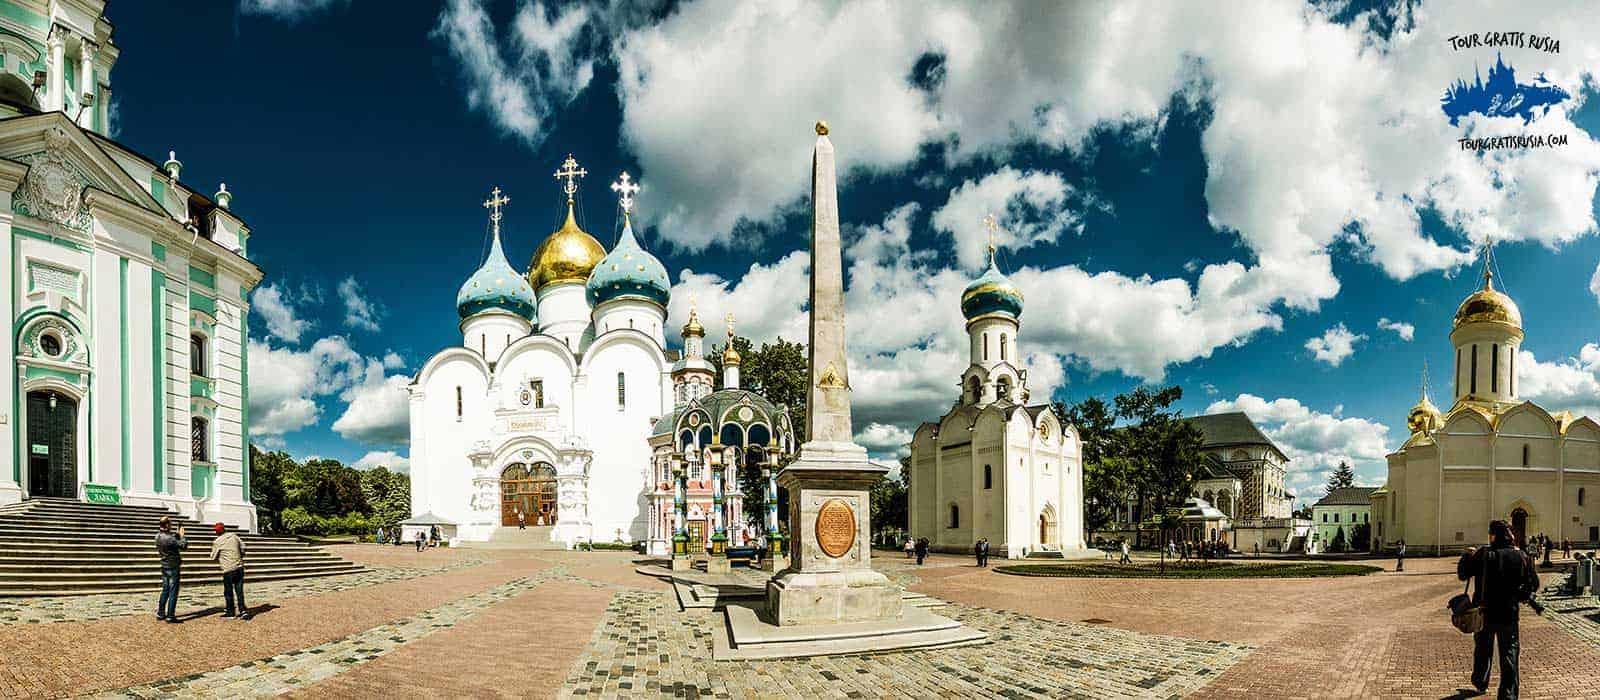 Excursión Sergiev Posad en Moscú